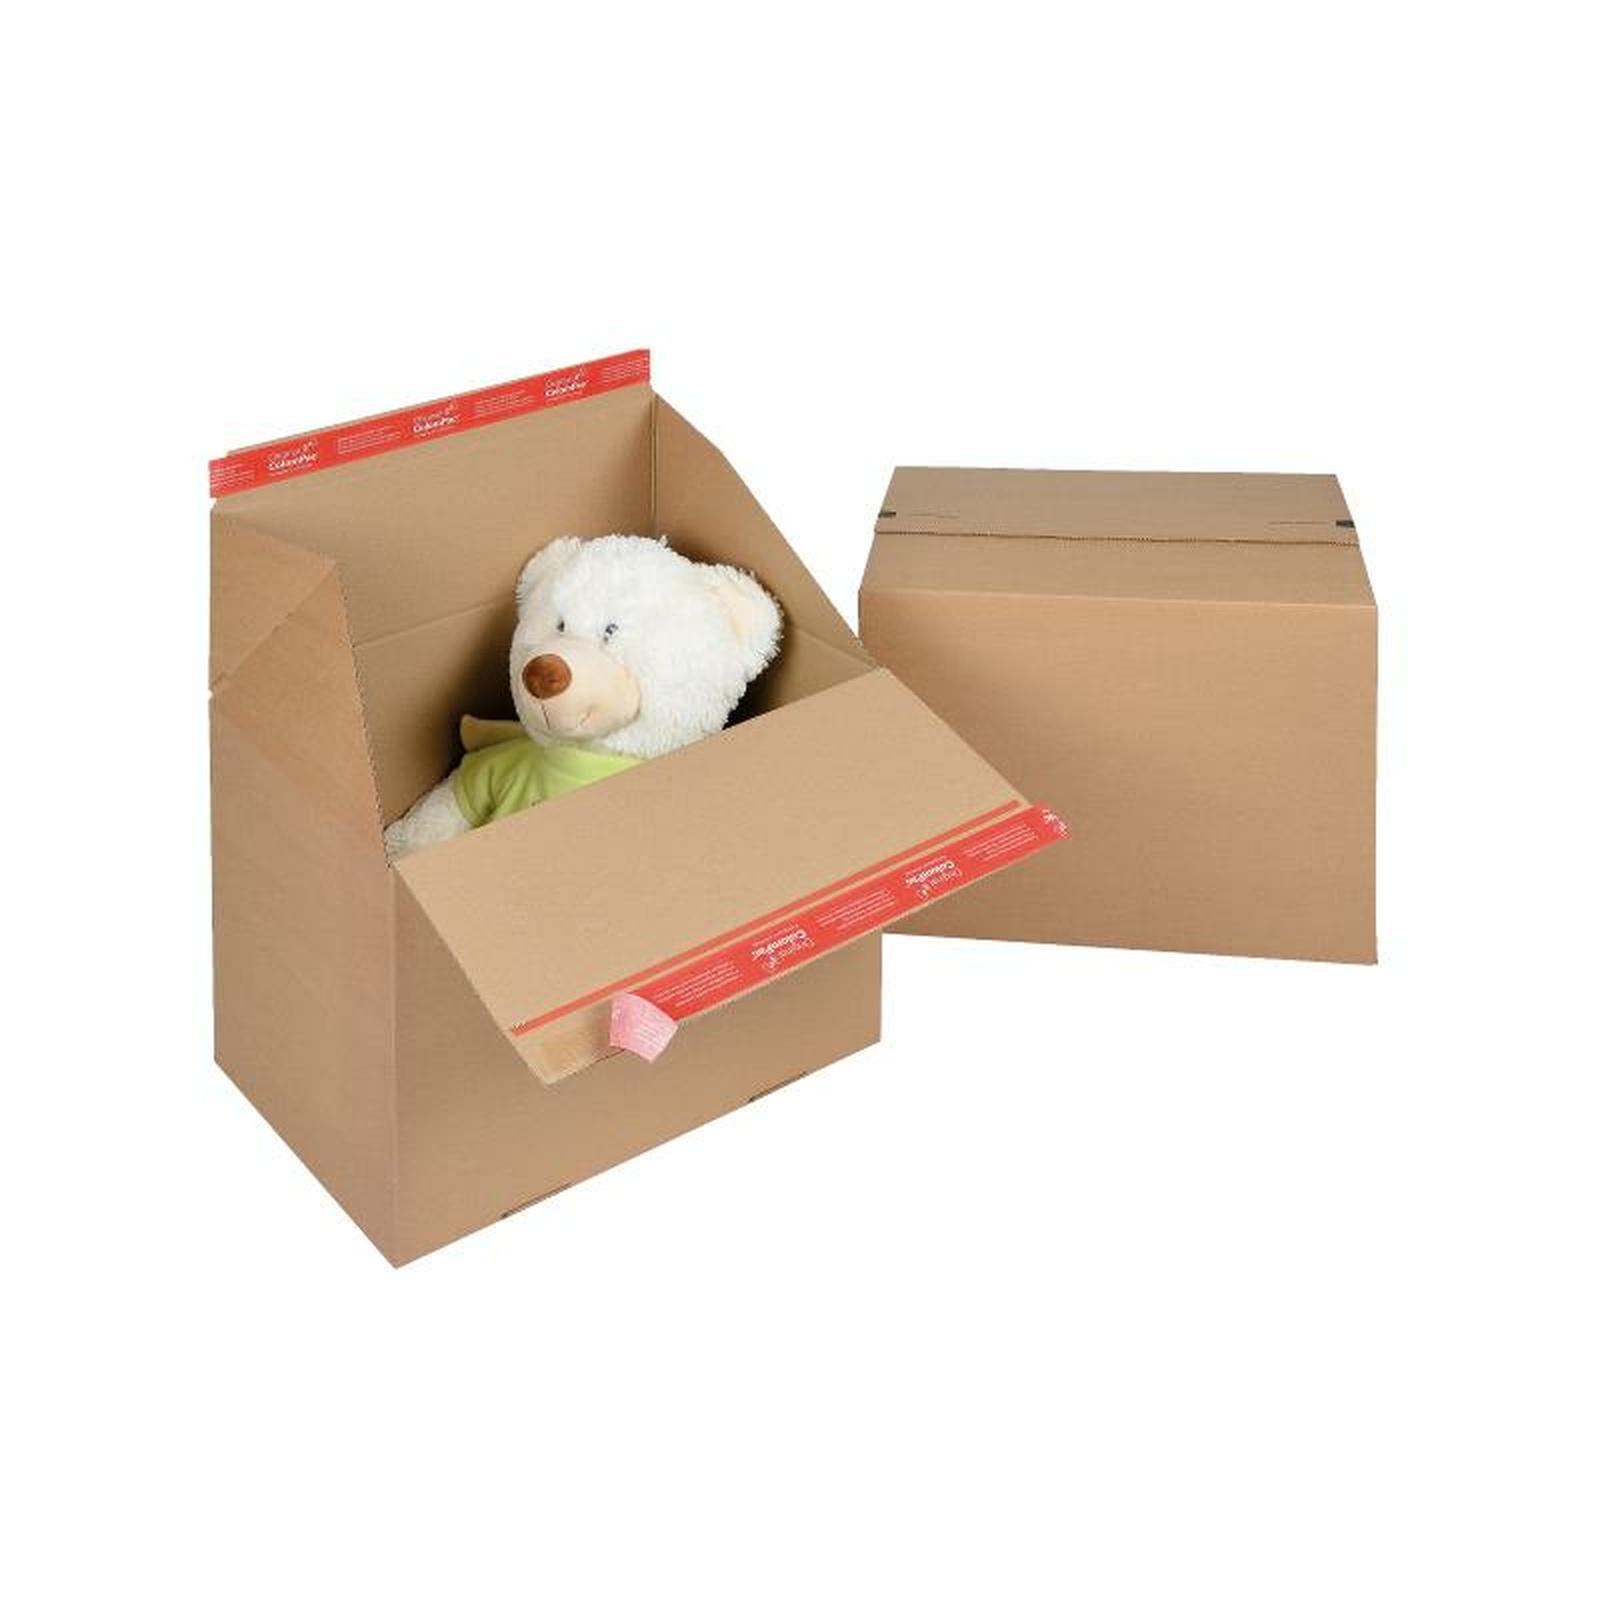 paletten system kartons 394x294x287 mm g nstig kaufen 1 42. Black Bedroom Furniture Sets. Home Design Ideas